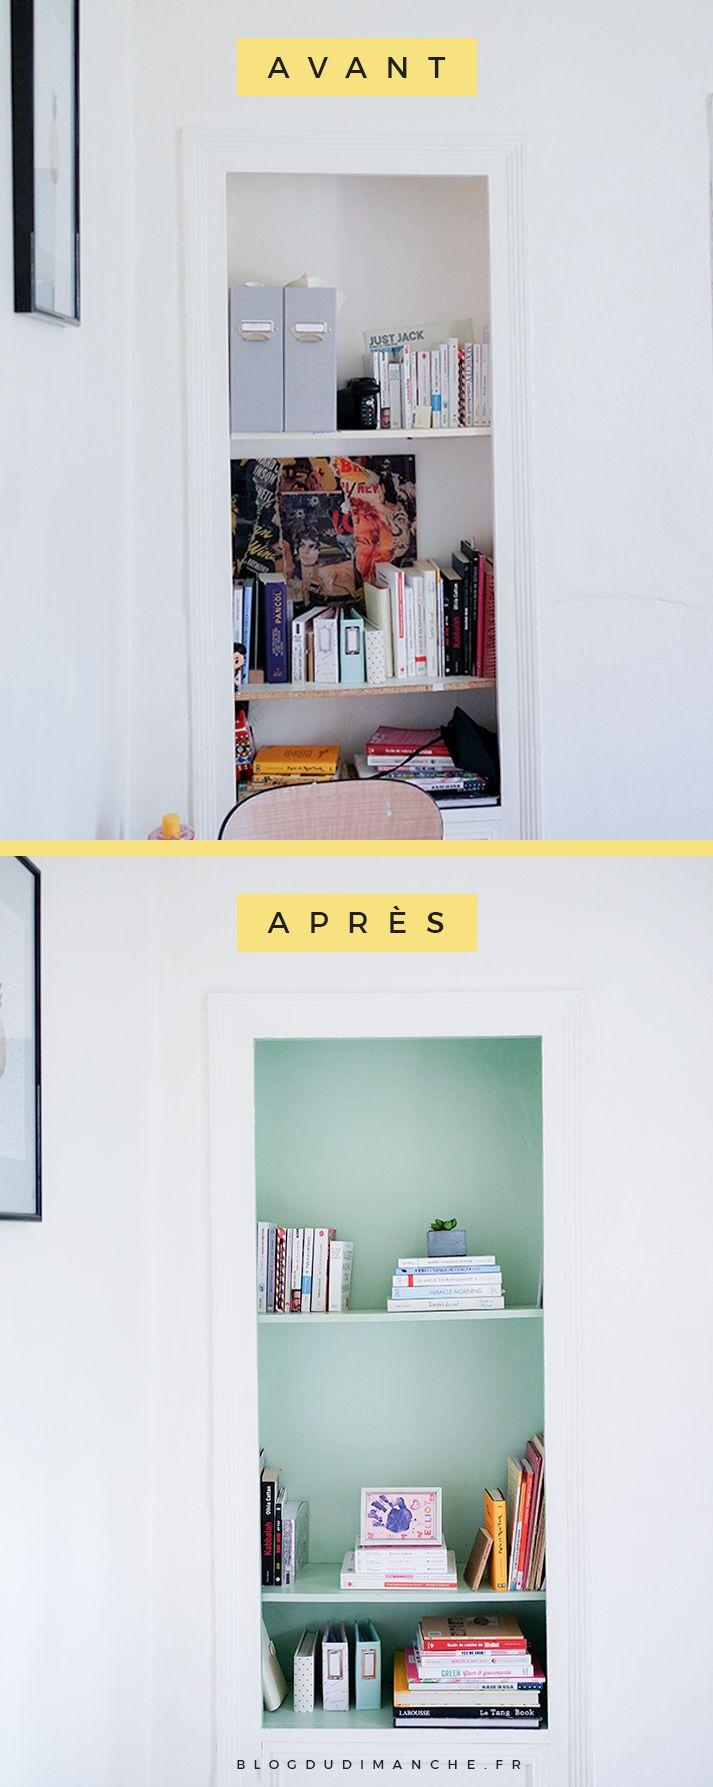 les 69 meilleures images du tableau meuble relook sur pinterest armoires meubles peints et. Black Bedroom Furniture Sets. Home Design Ideas